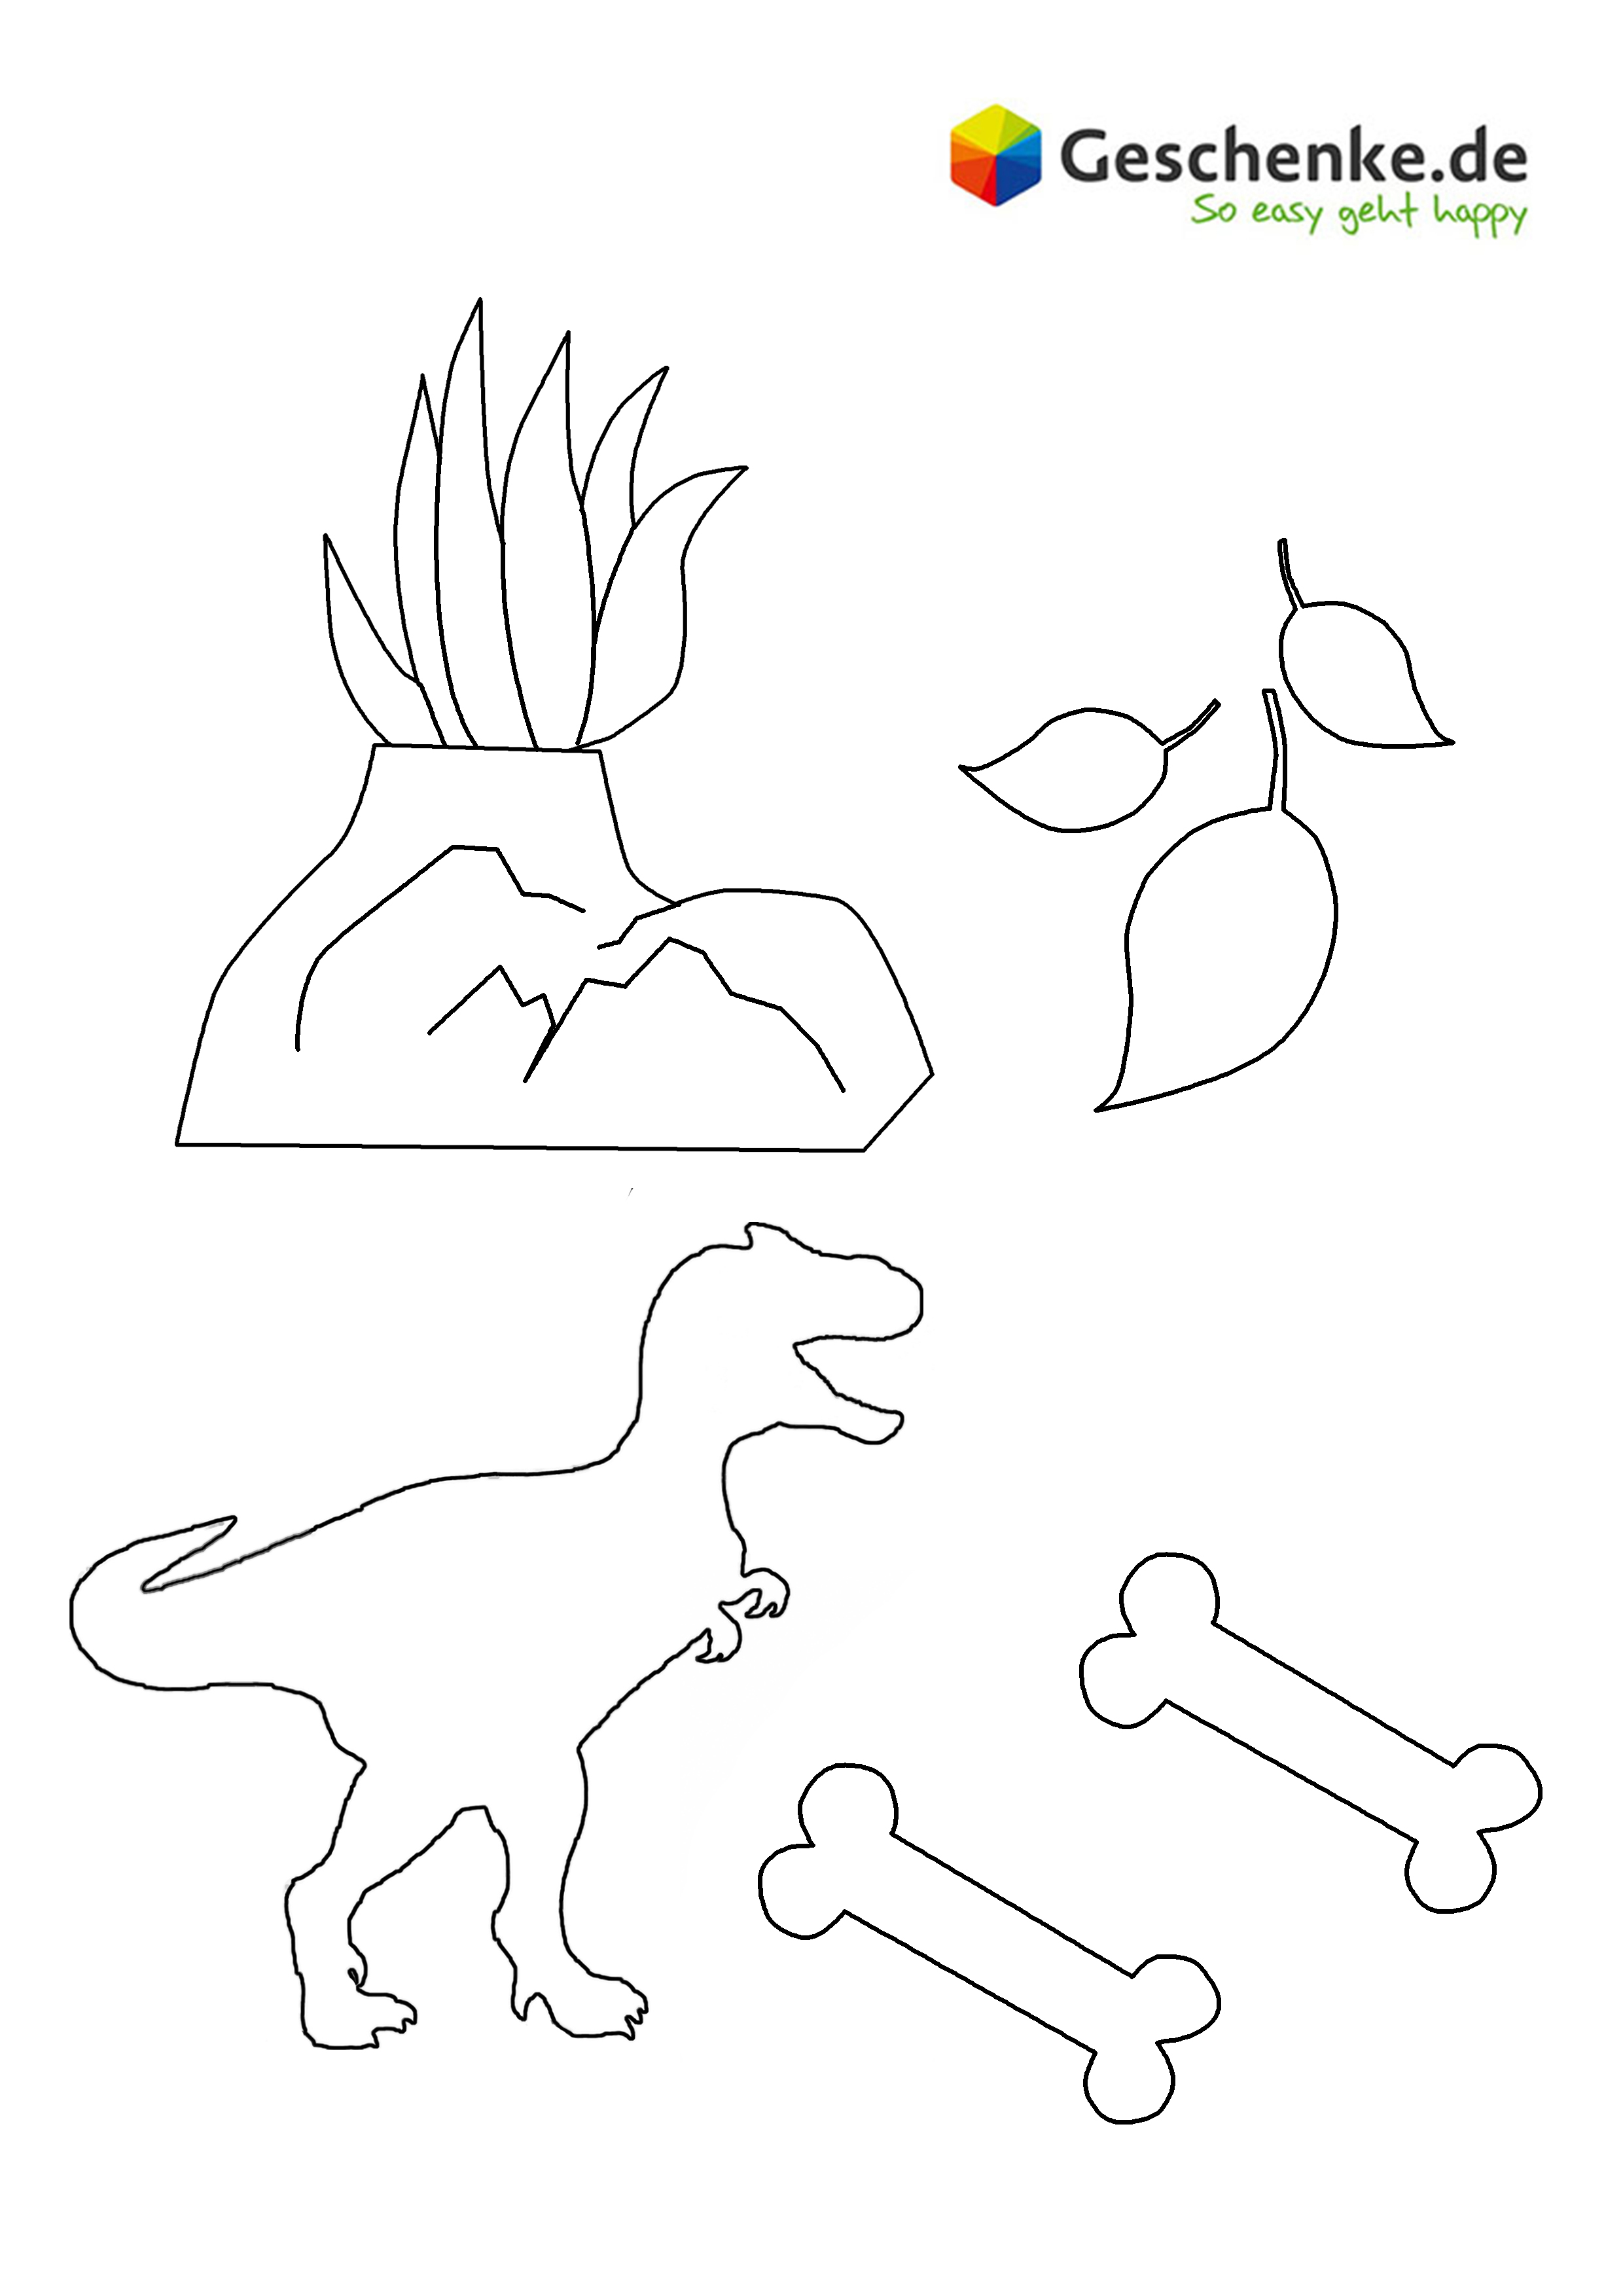 Gemütlich Dinosaurier Schreibvorlage Ideen - Beispielzusammenfassung ...